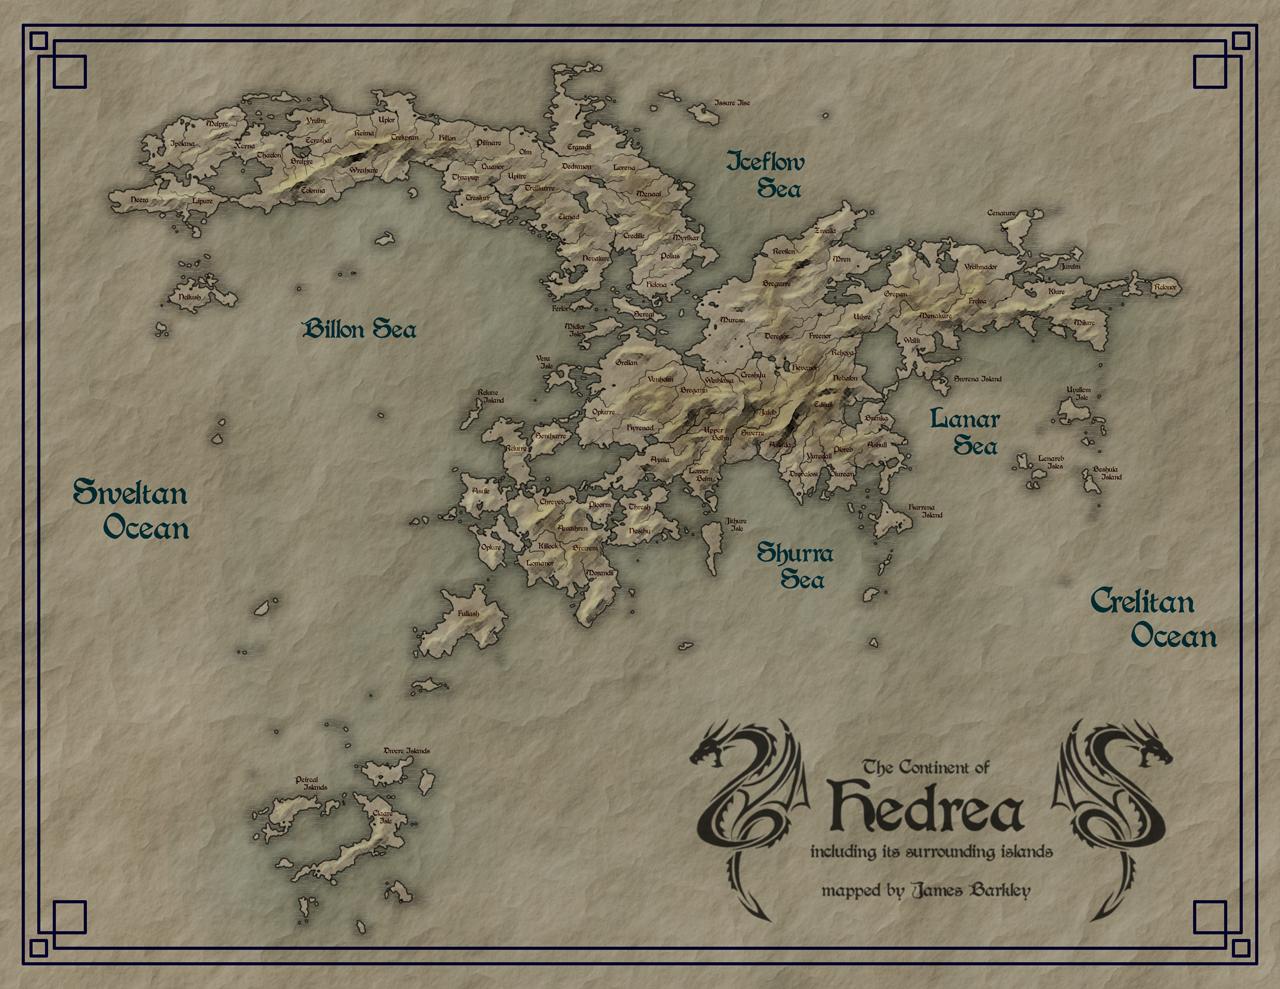 Hedrea